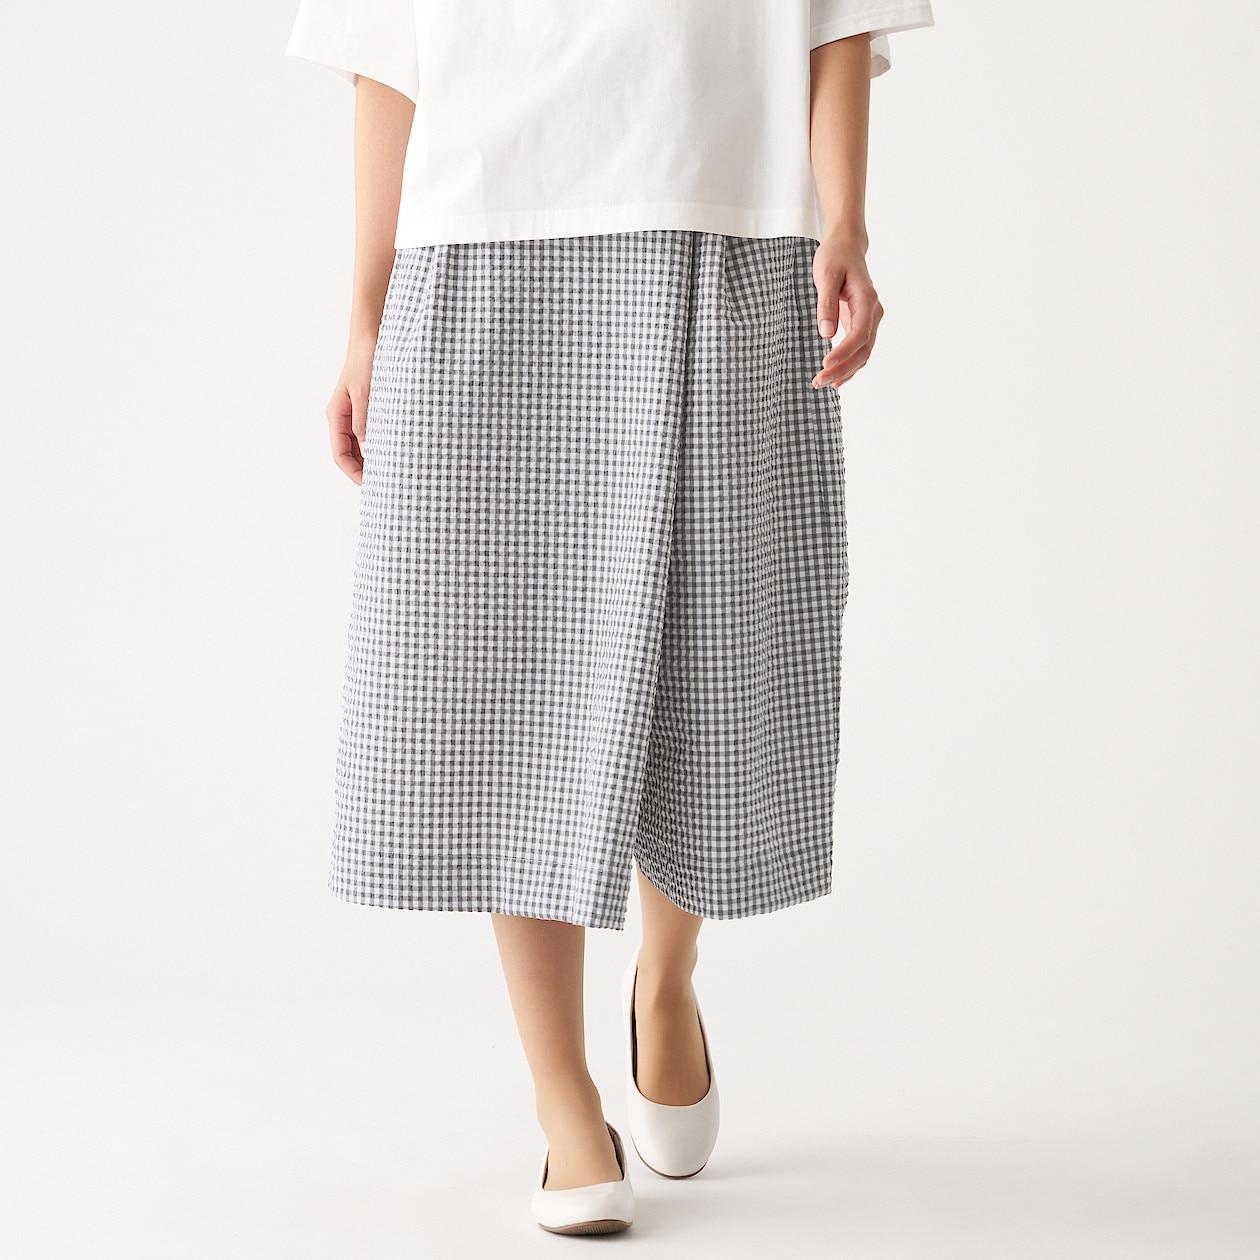 女聚酯纖維彈性泡泡紗寬擺褲 墨灰格紋XL | 無印良品